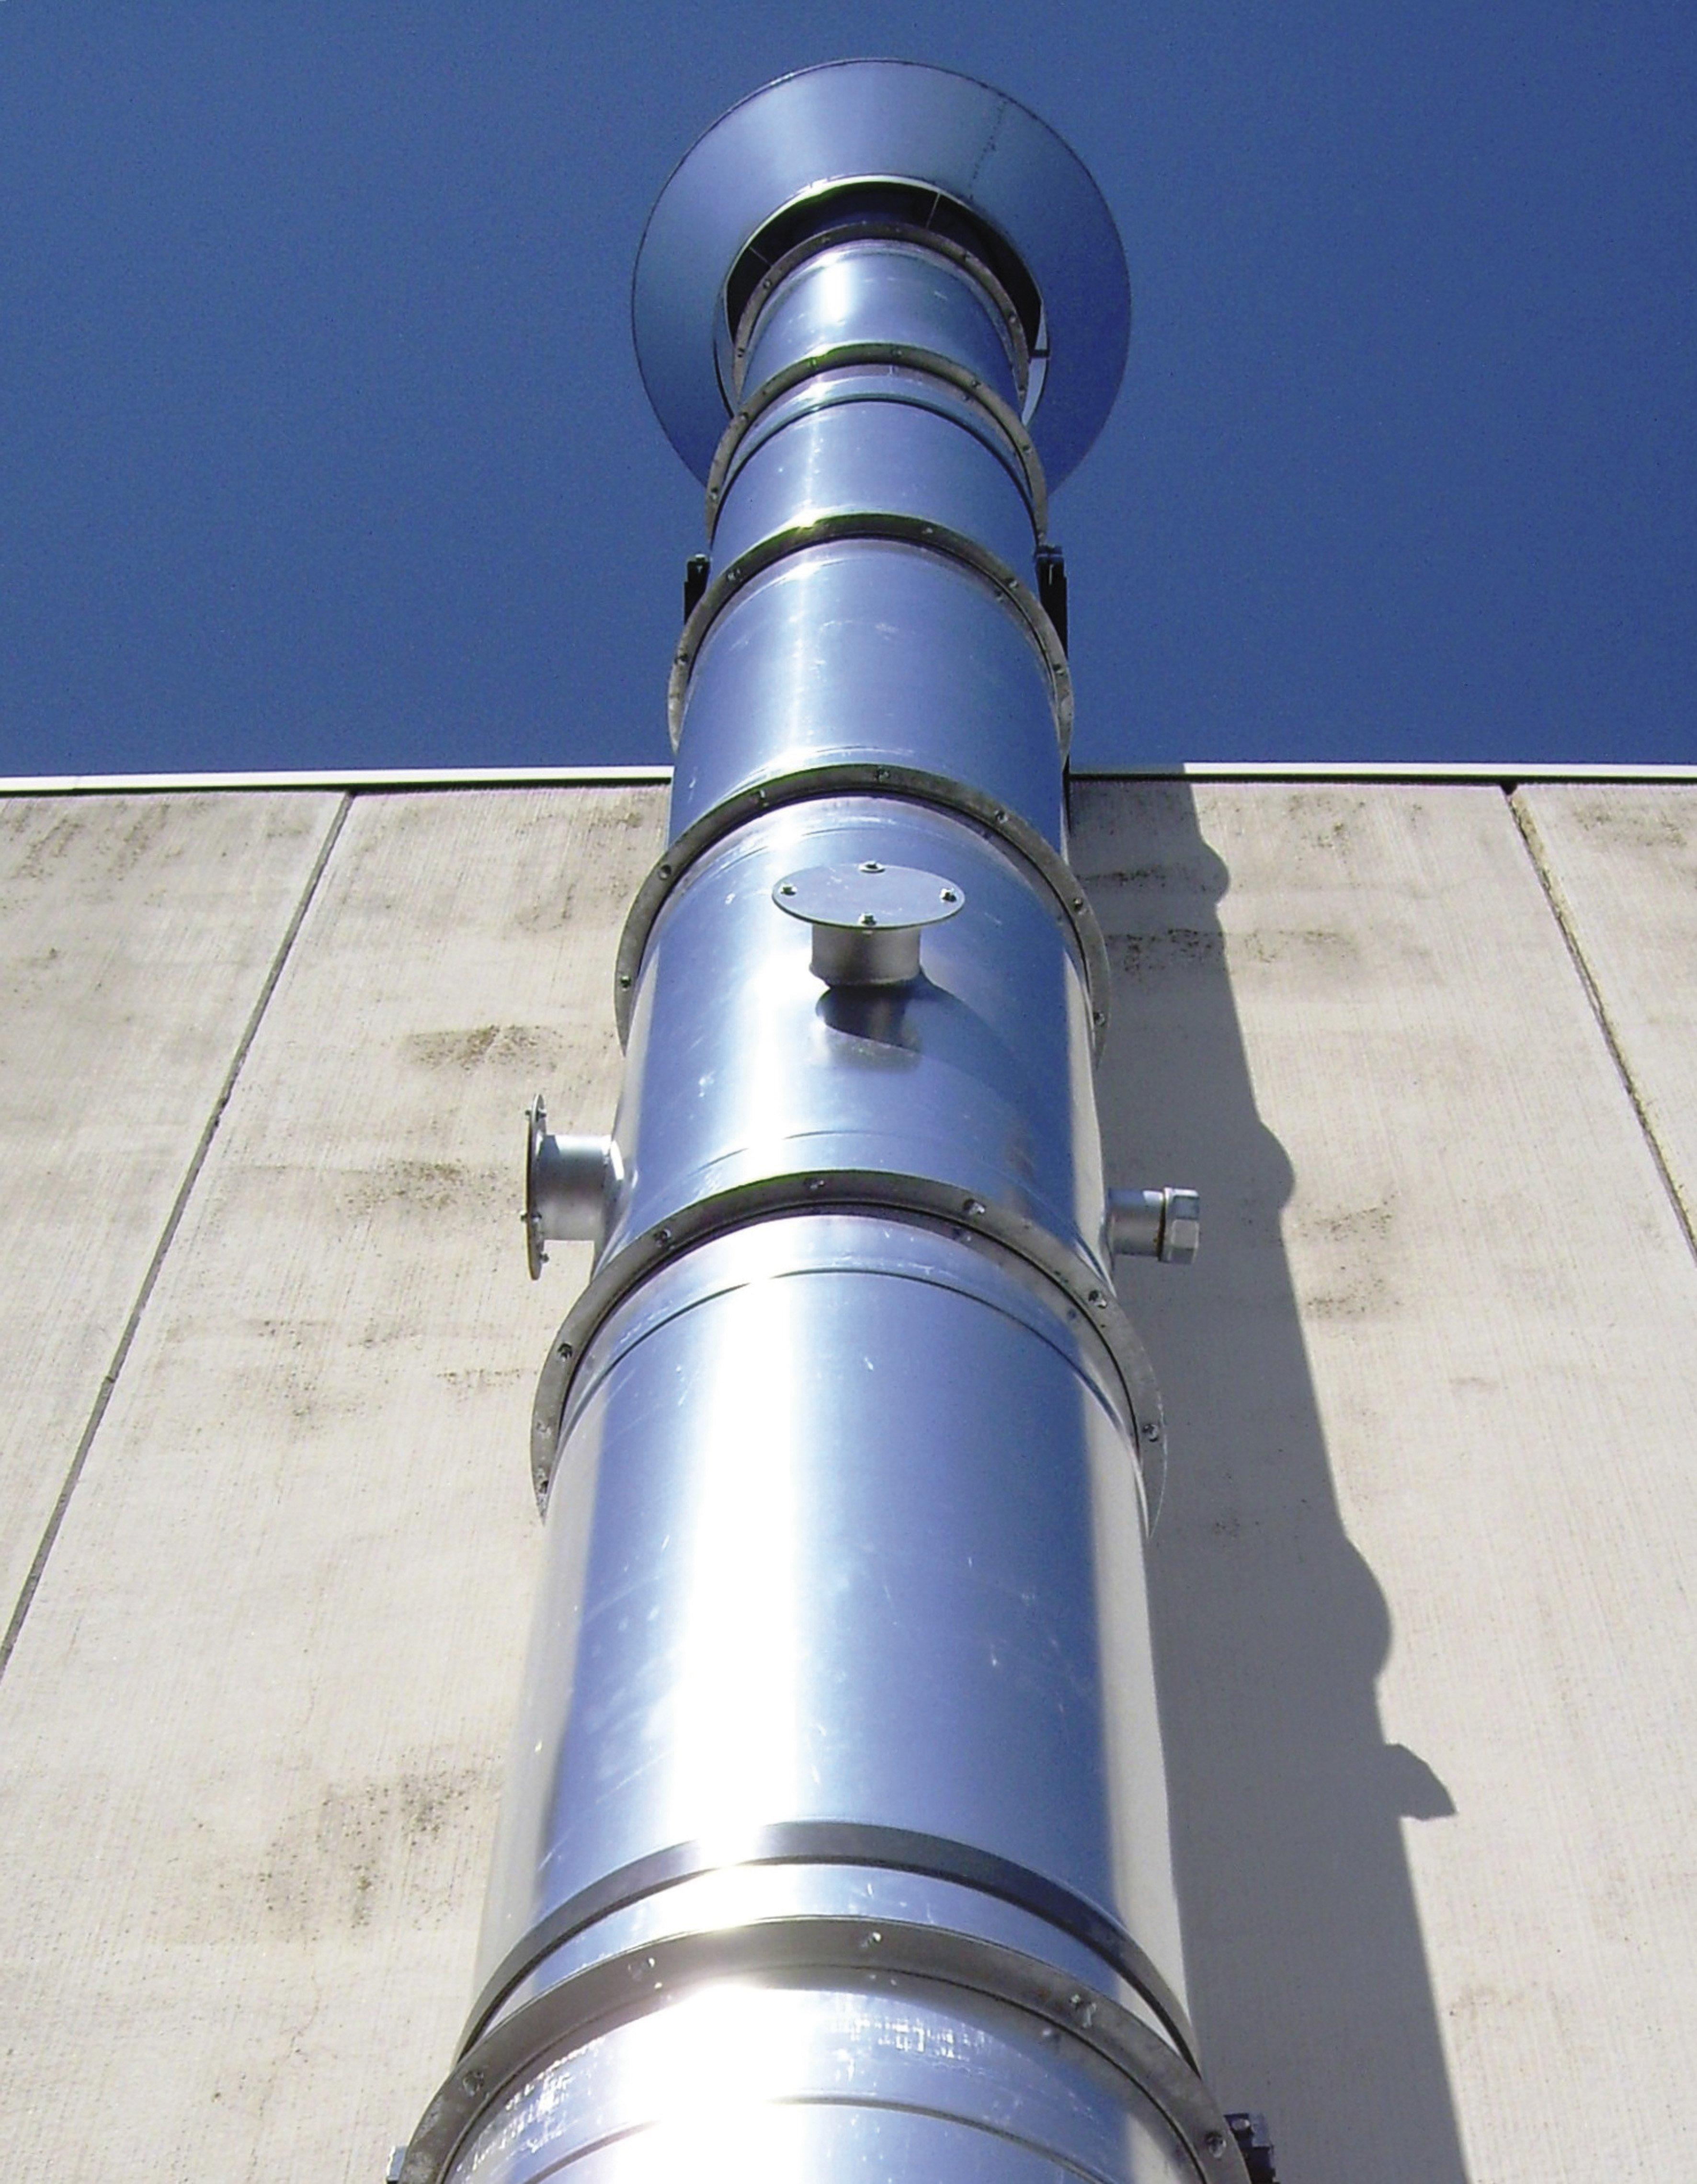 vista dal basso di un tubo